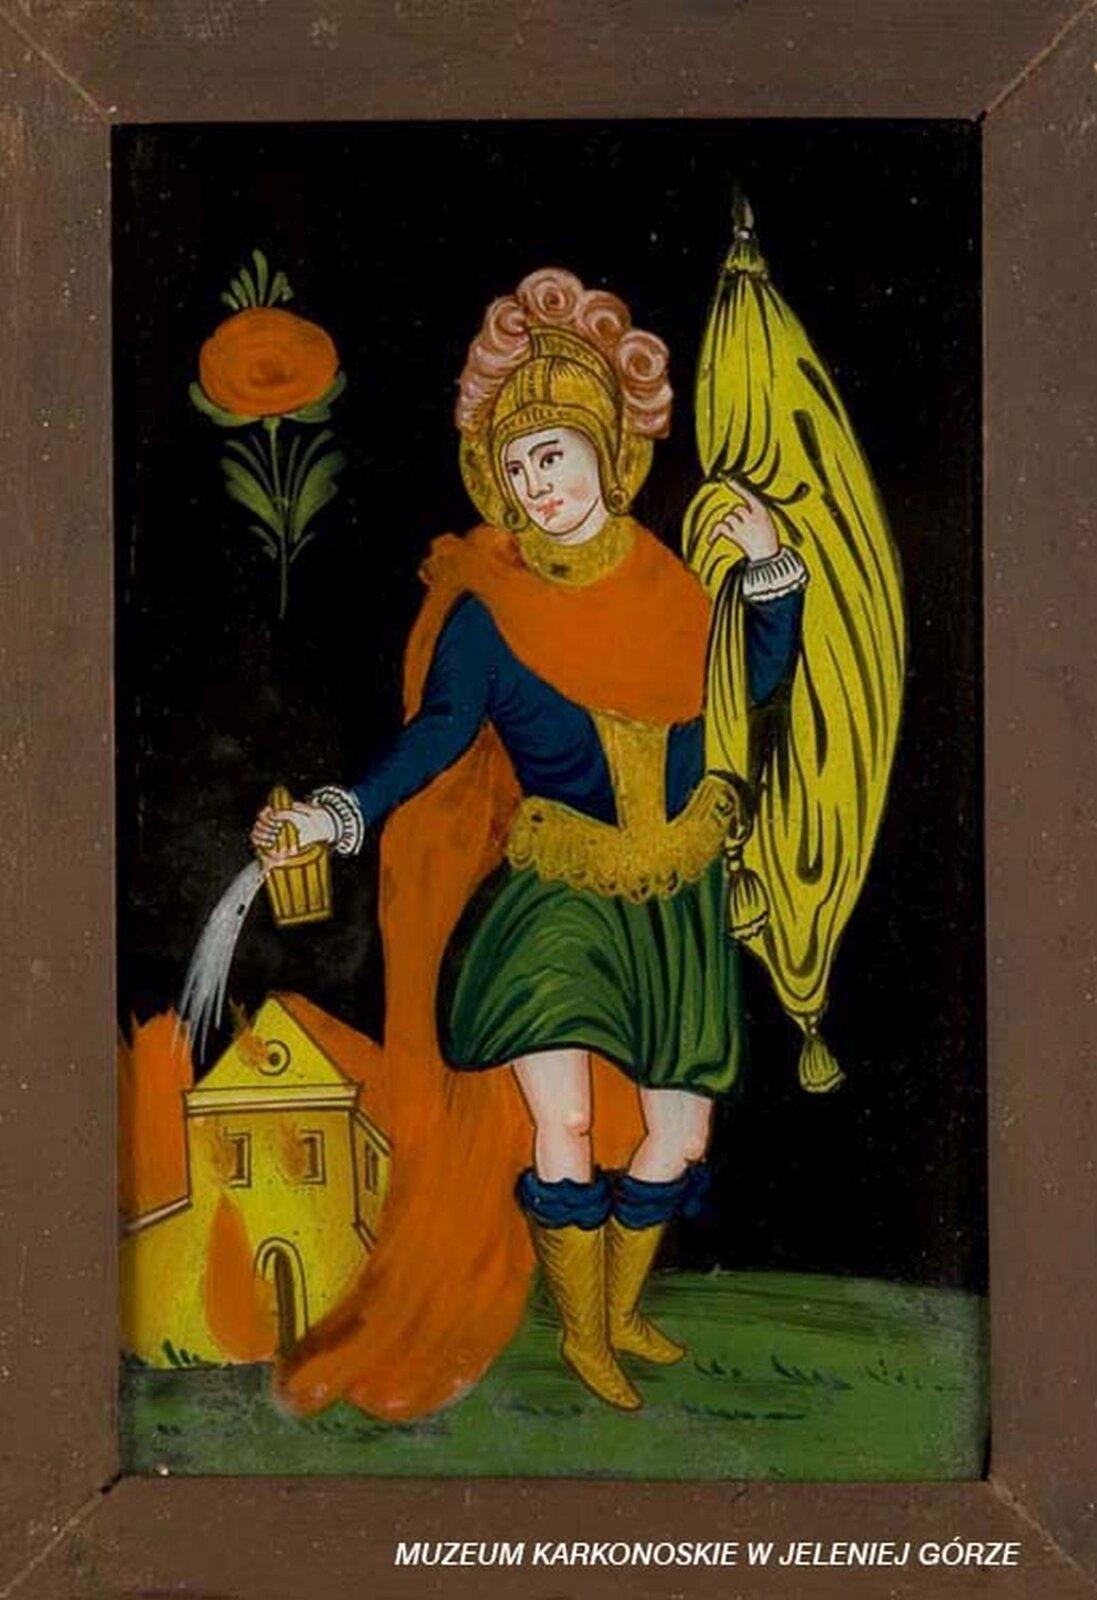 Ilustracja przedstawia malowidło na szkle, które ukazuje świętego Floriana. Postać gasi pożar kościoła. Florian ma na sobie strażacki strój - niebiesko-zielony mundur iczerwoną, długą pelerynę. Głowę zdobi złoty hełm zdobiony pióropuszem. Wlewej ręce trzyma sztandar. Czarne tło zdobi czerwony kwiat.